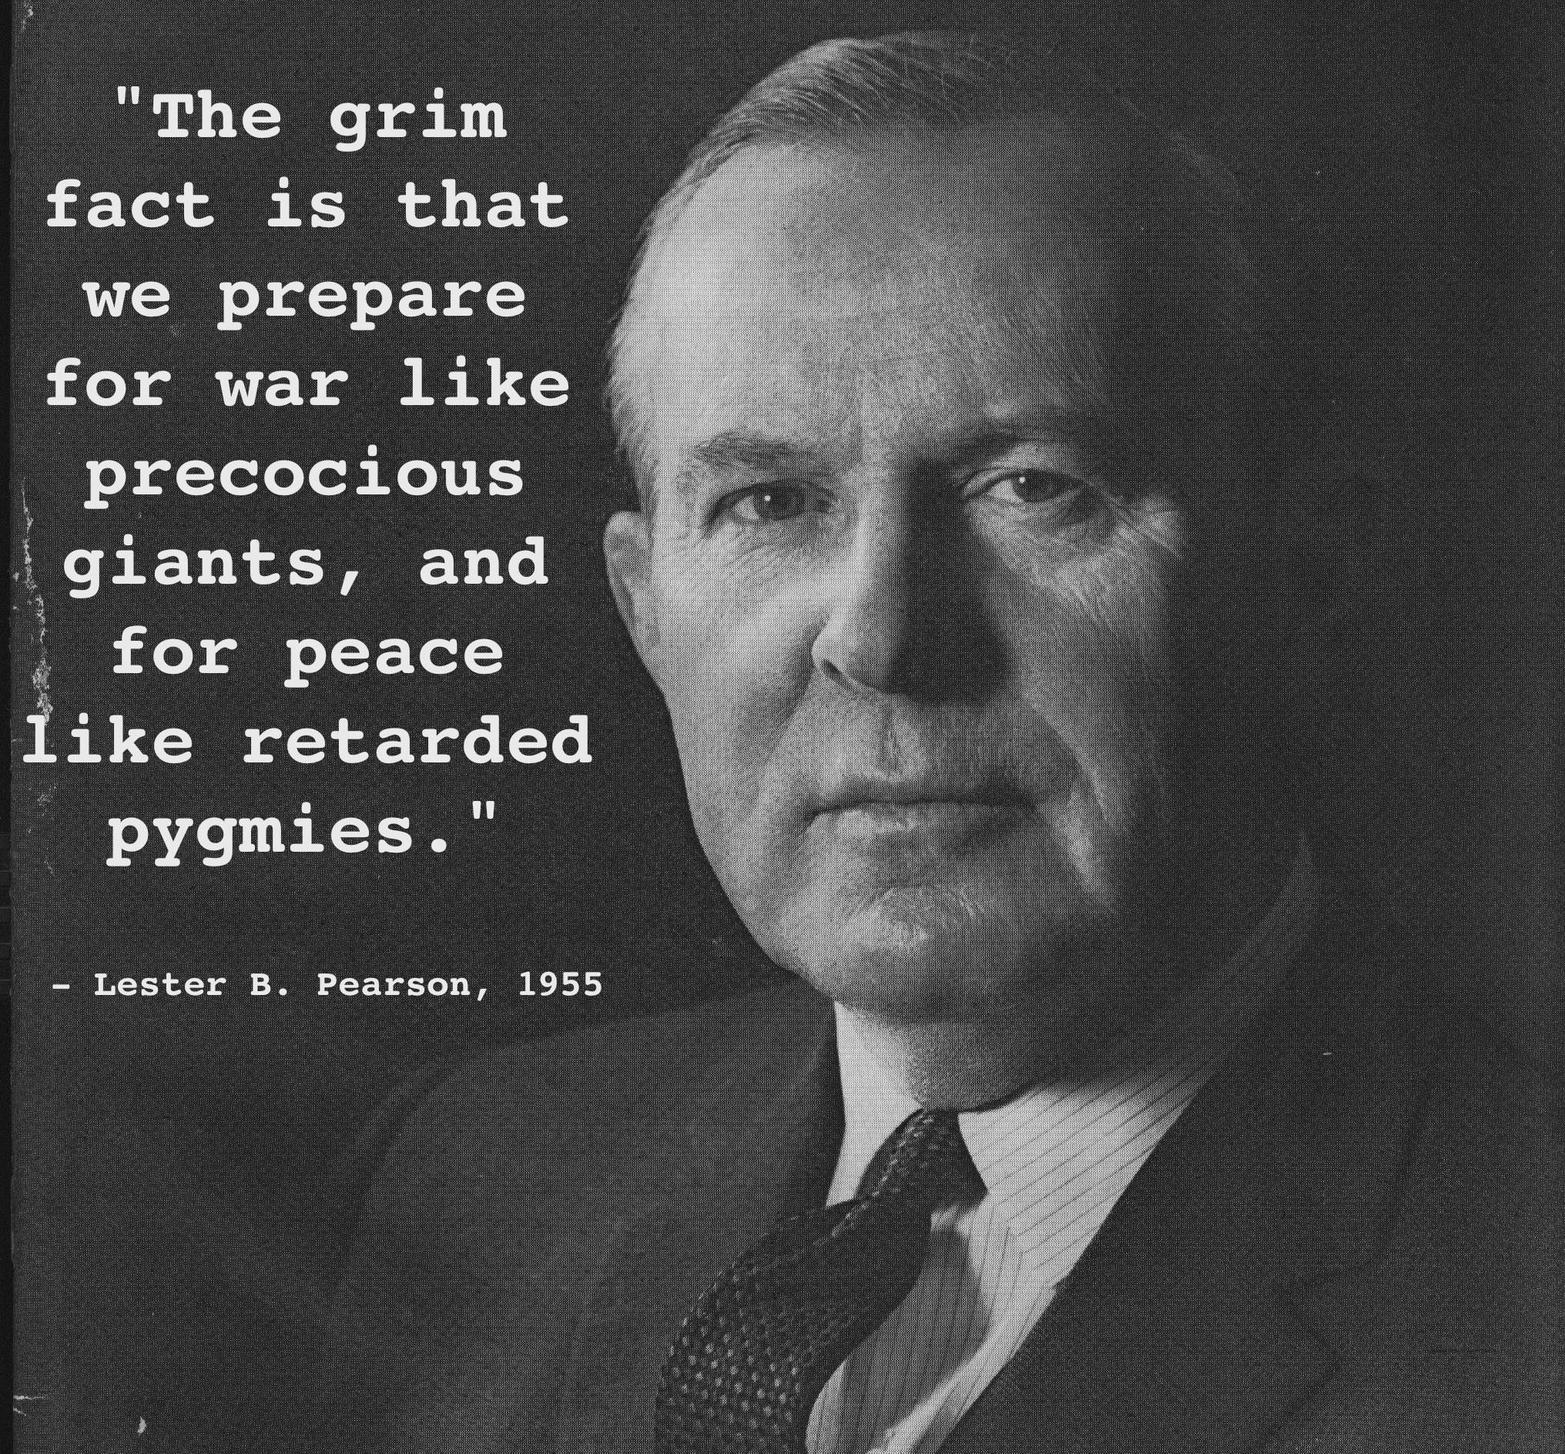 Lester B. Pearson's quote #1